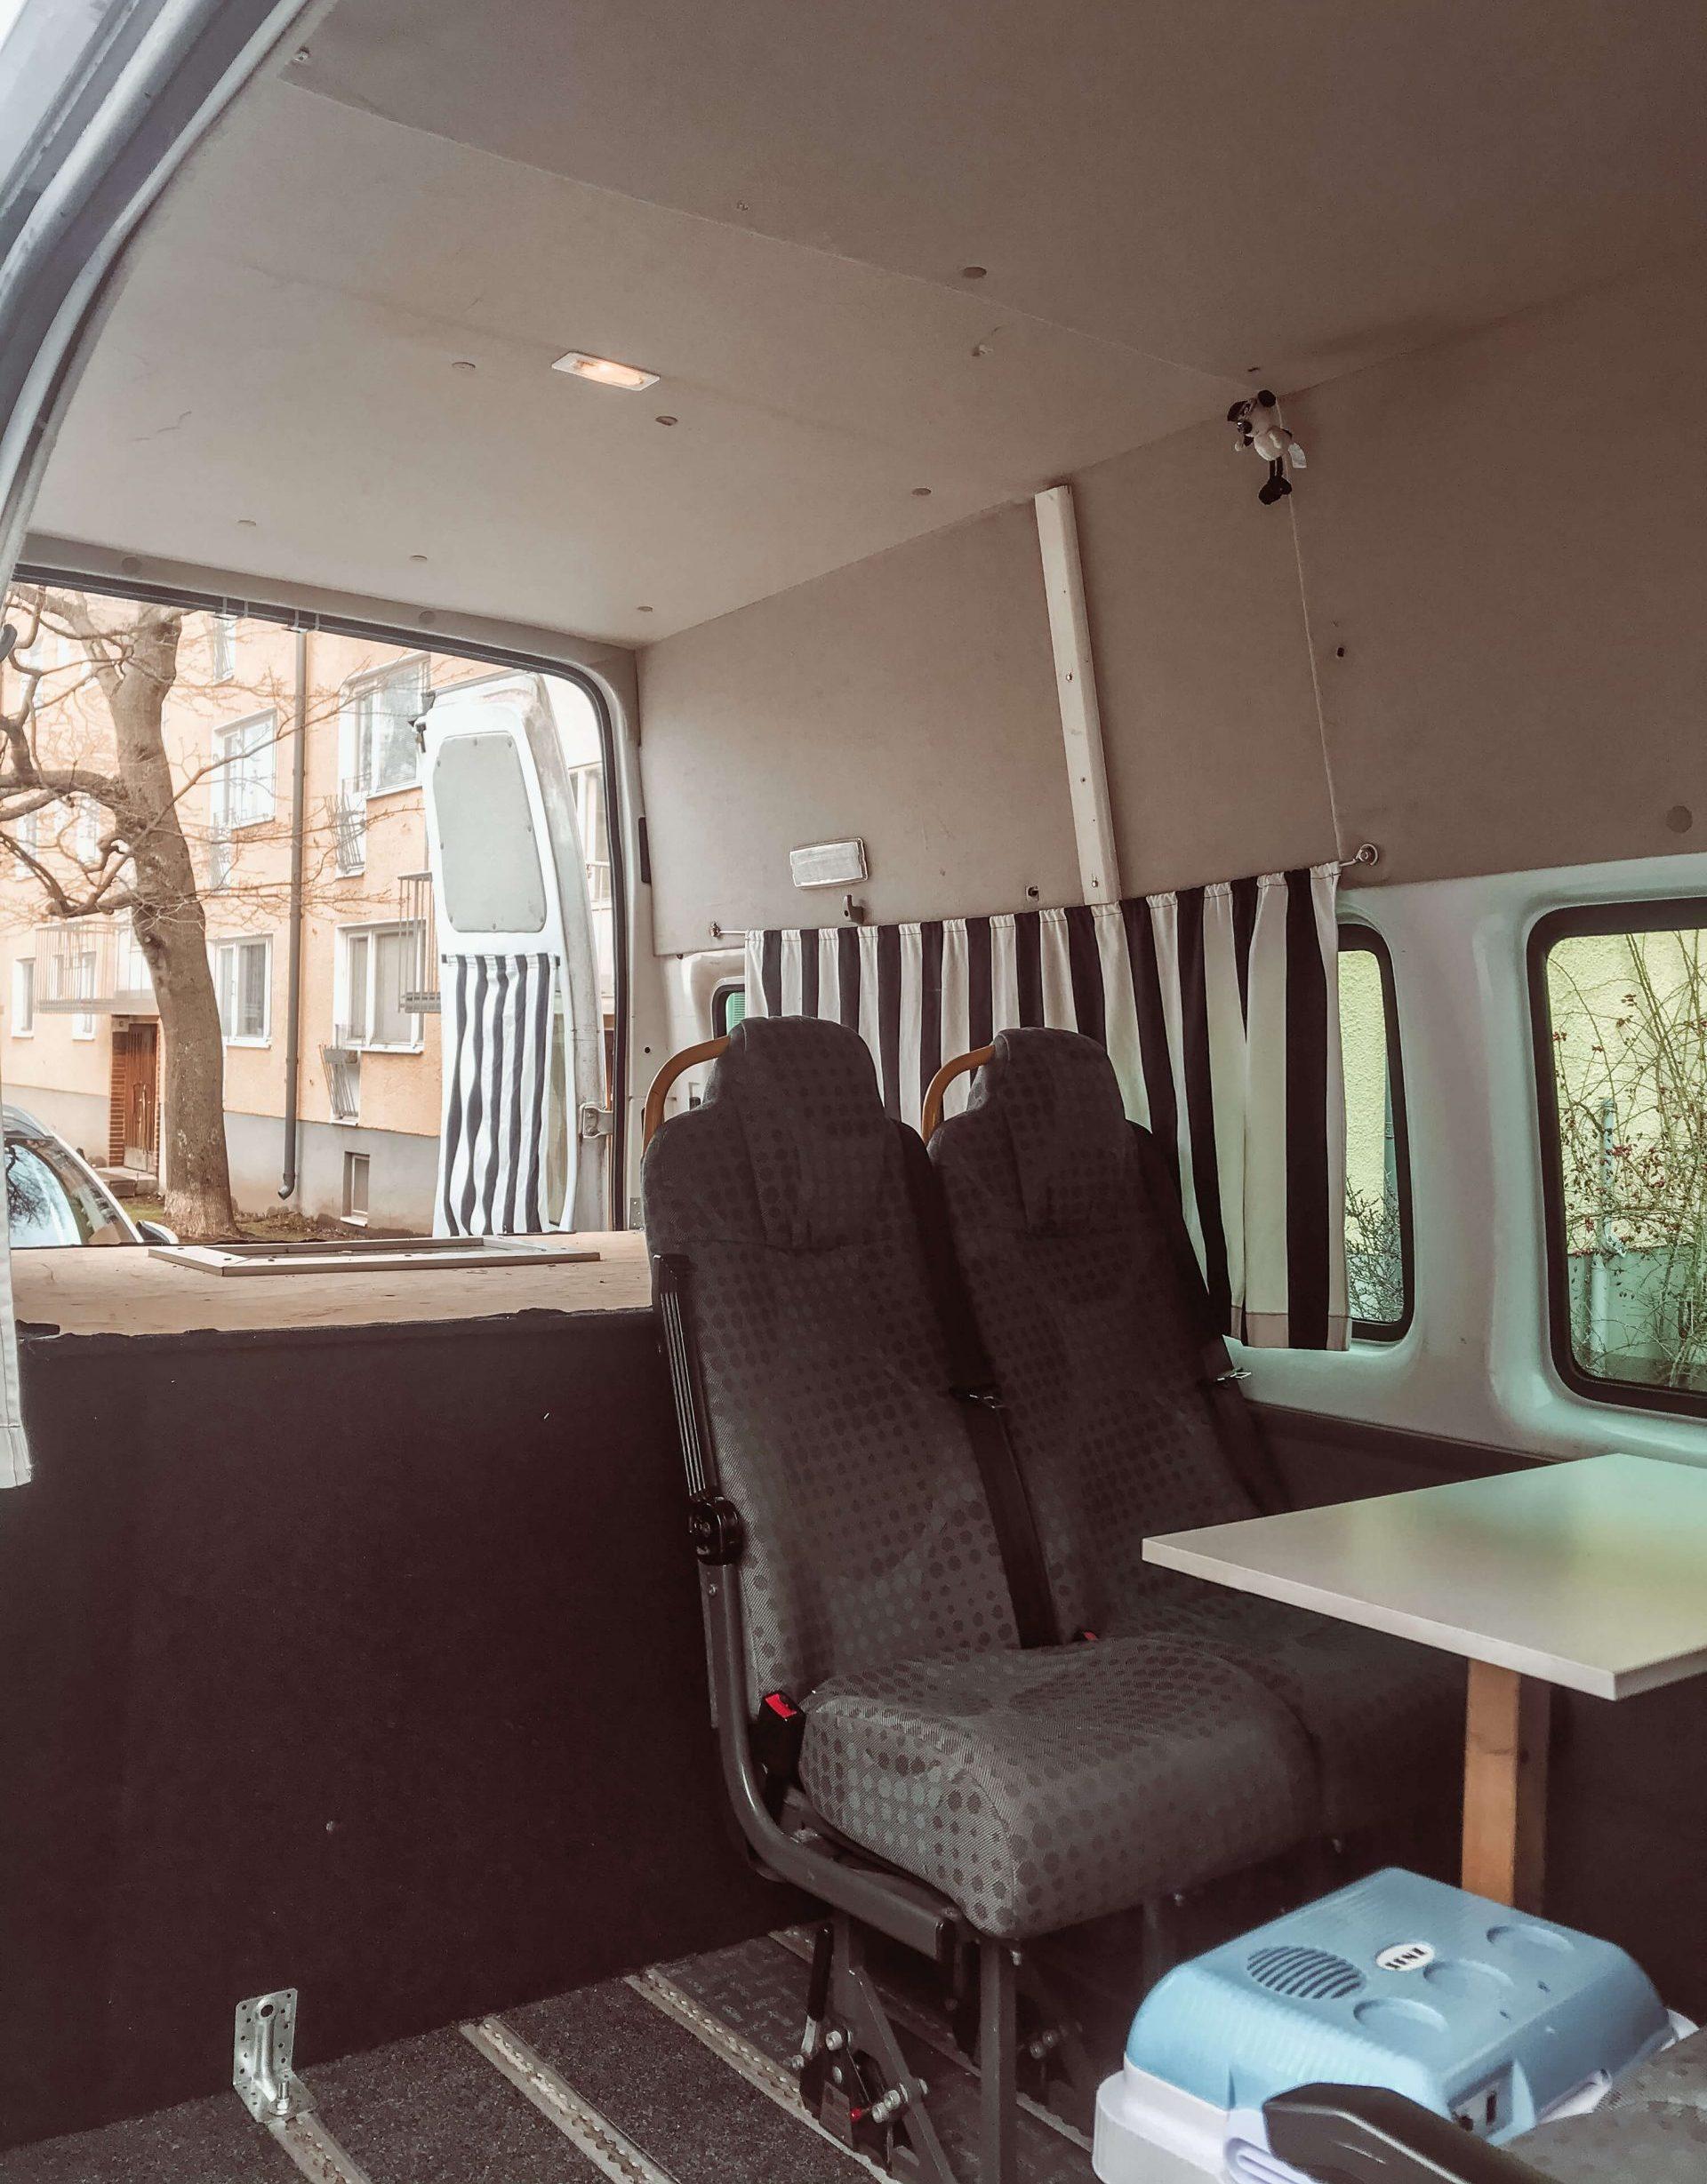 retkeilyauton sisätilat kuvattuna, kaksi penkkiä, pöytä ja yksinkertainen sänky.